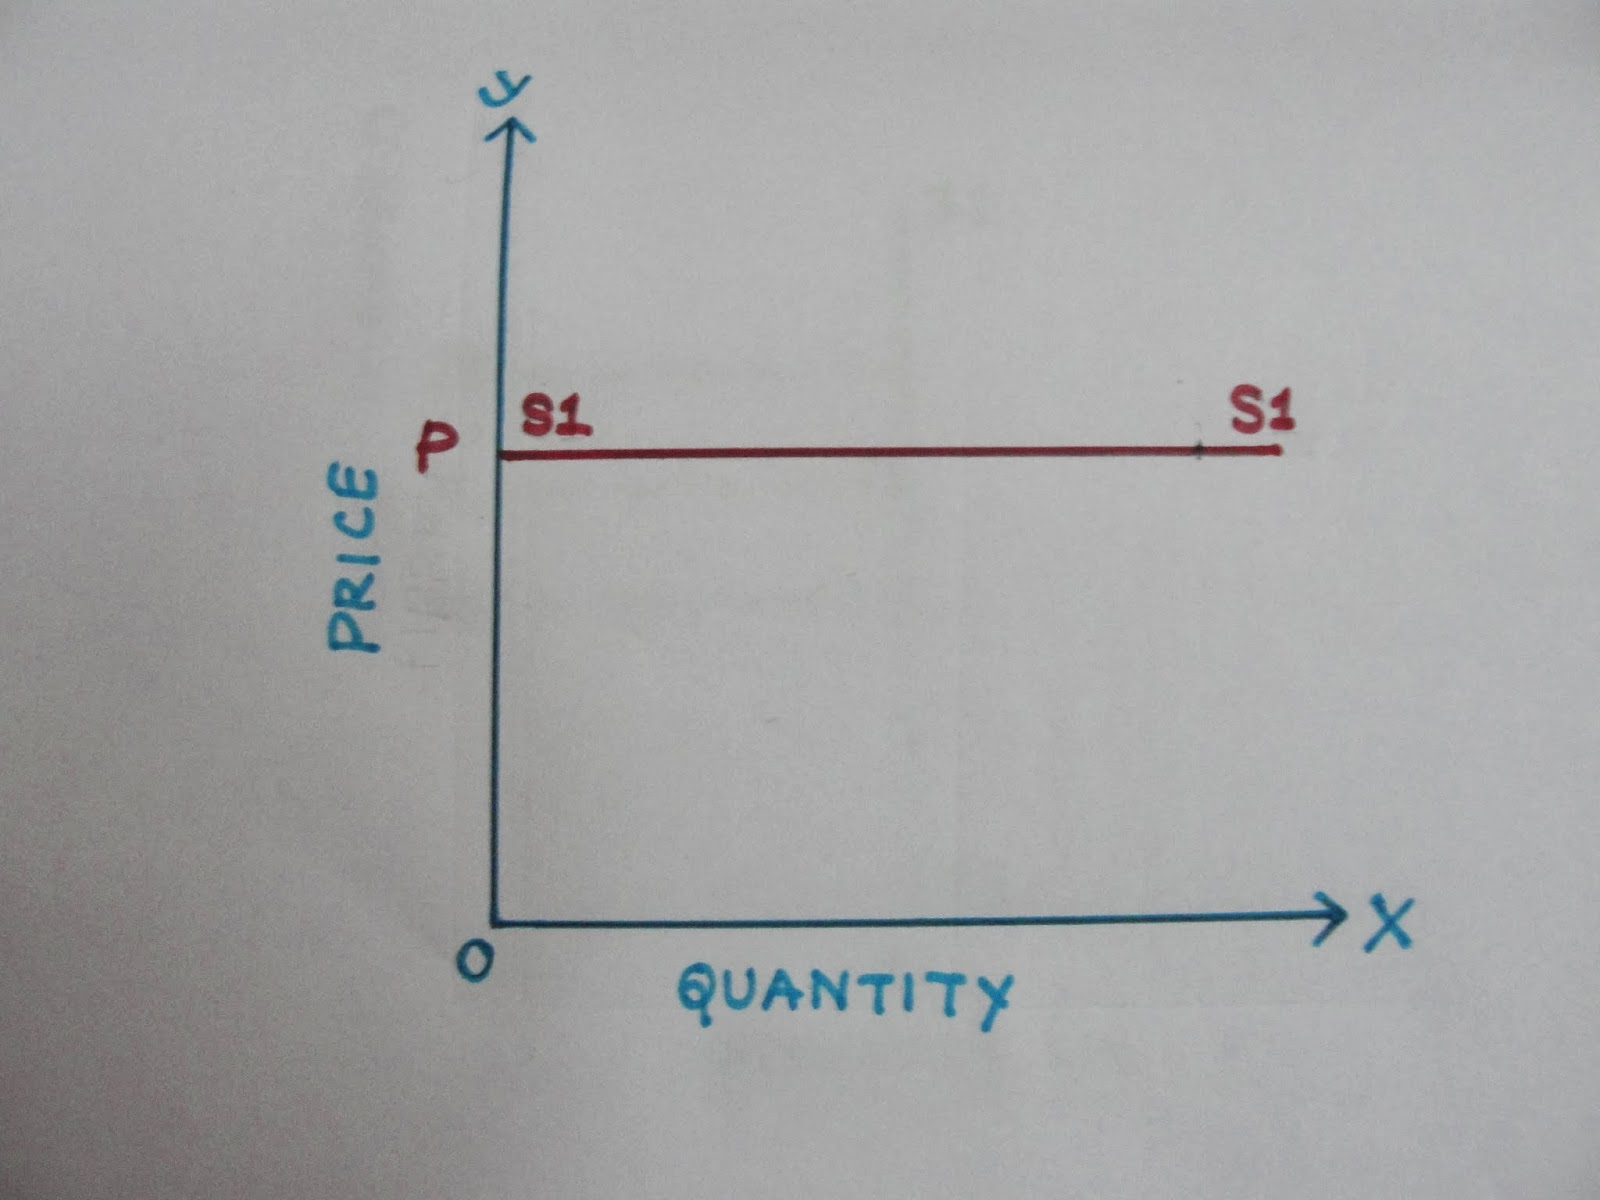 Economics Types Of Price Elasticity Of Supply Inelastic Elastic